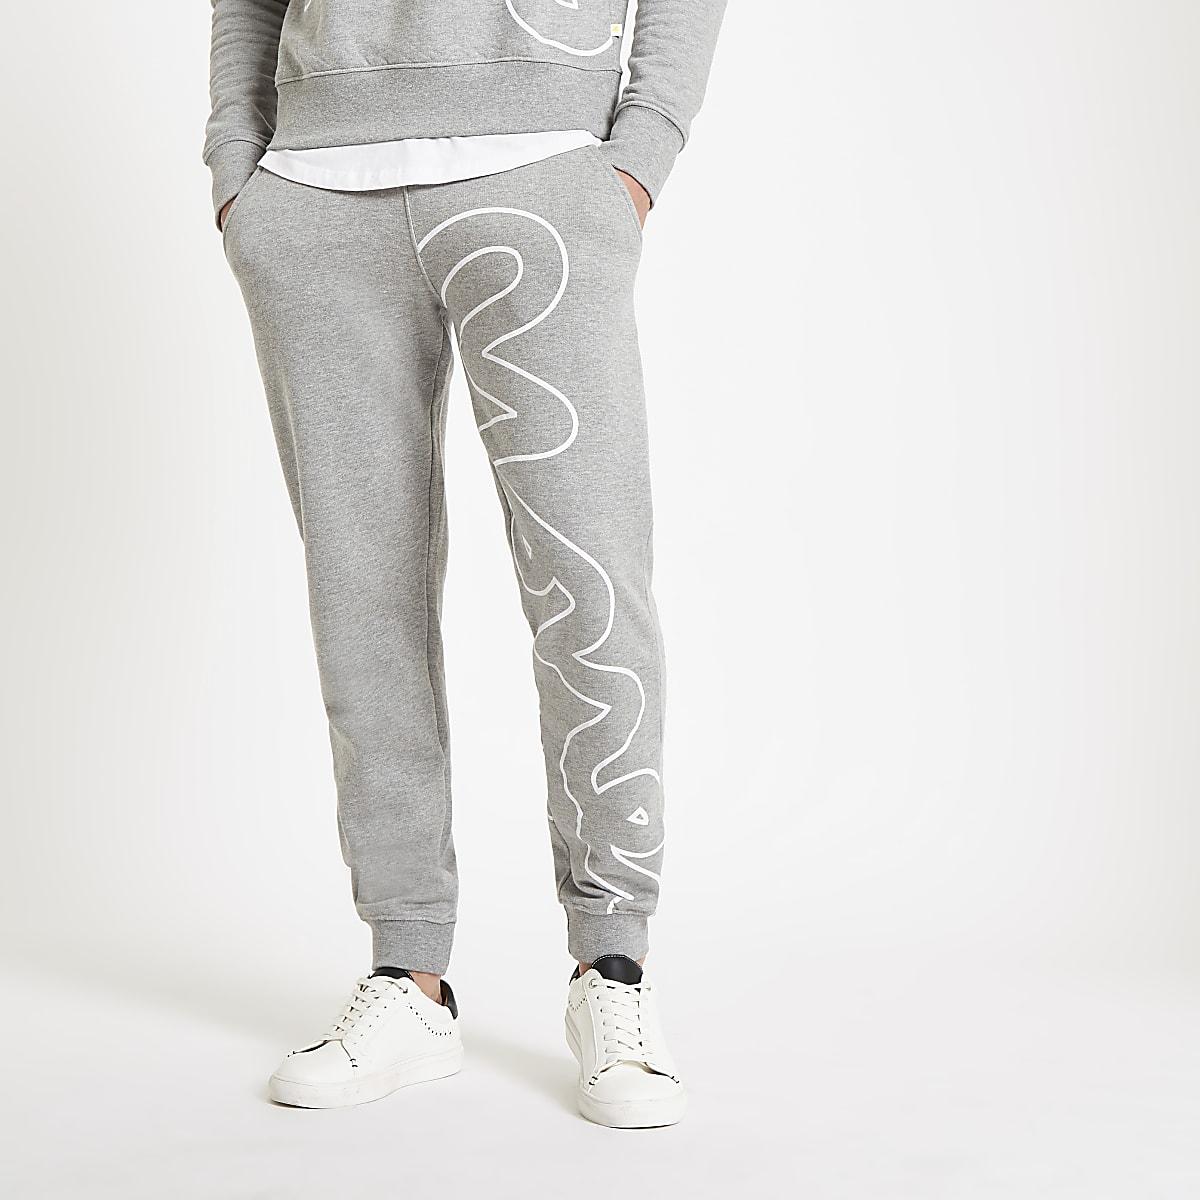 Grijze Joggingbroek.Money Clothing Grijze Joggingbroek Joggingbroeken Heren